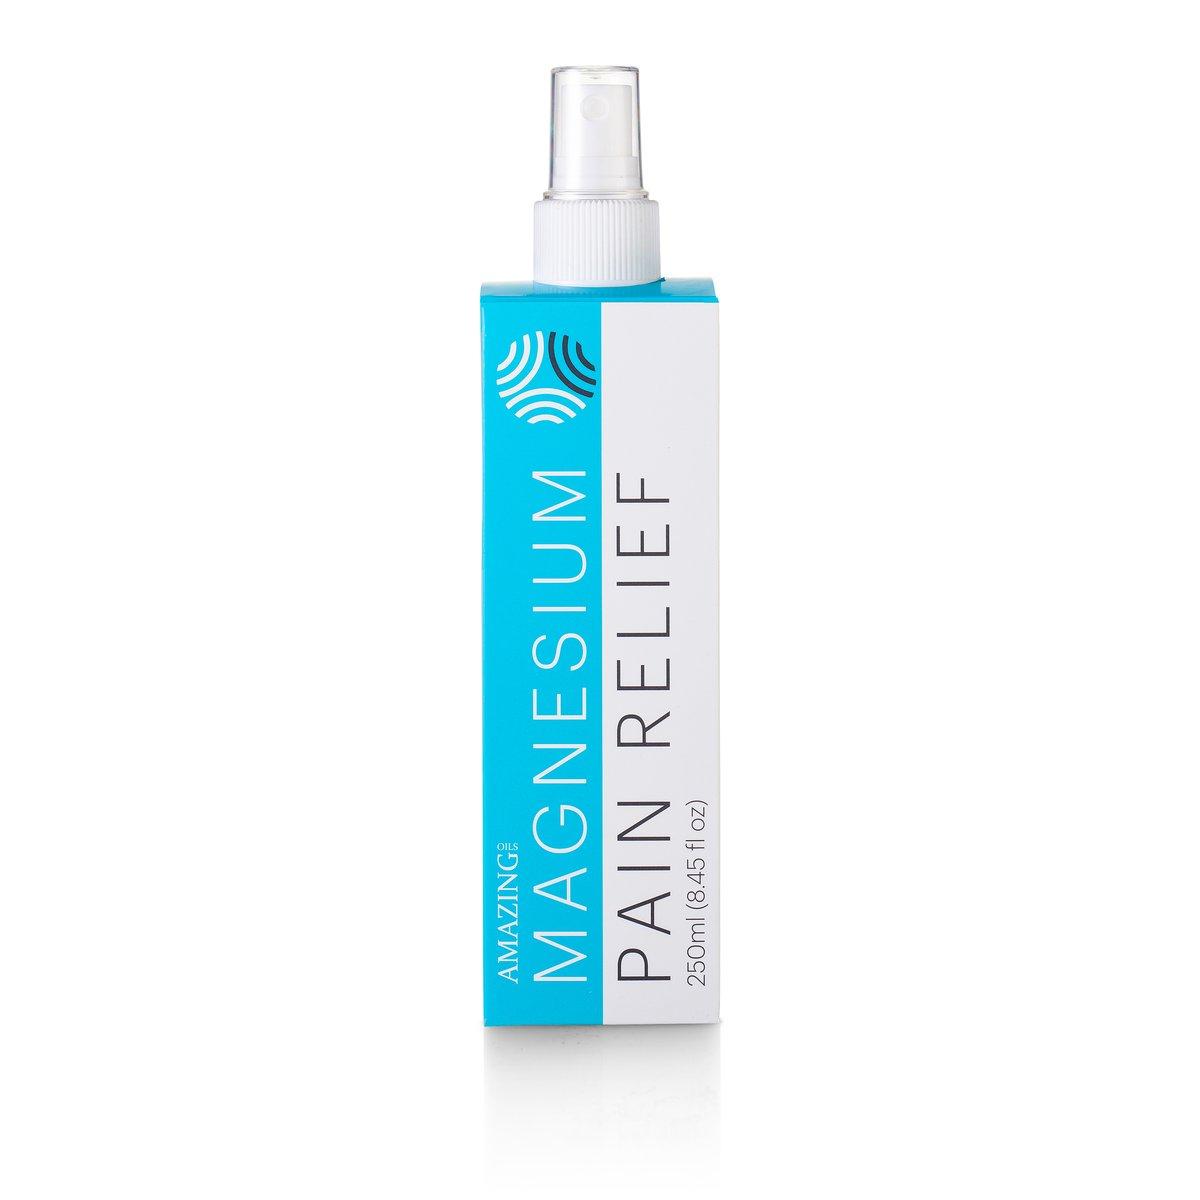 Amazing Oils - Magnesium Oil Spray 250ml